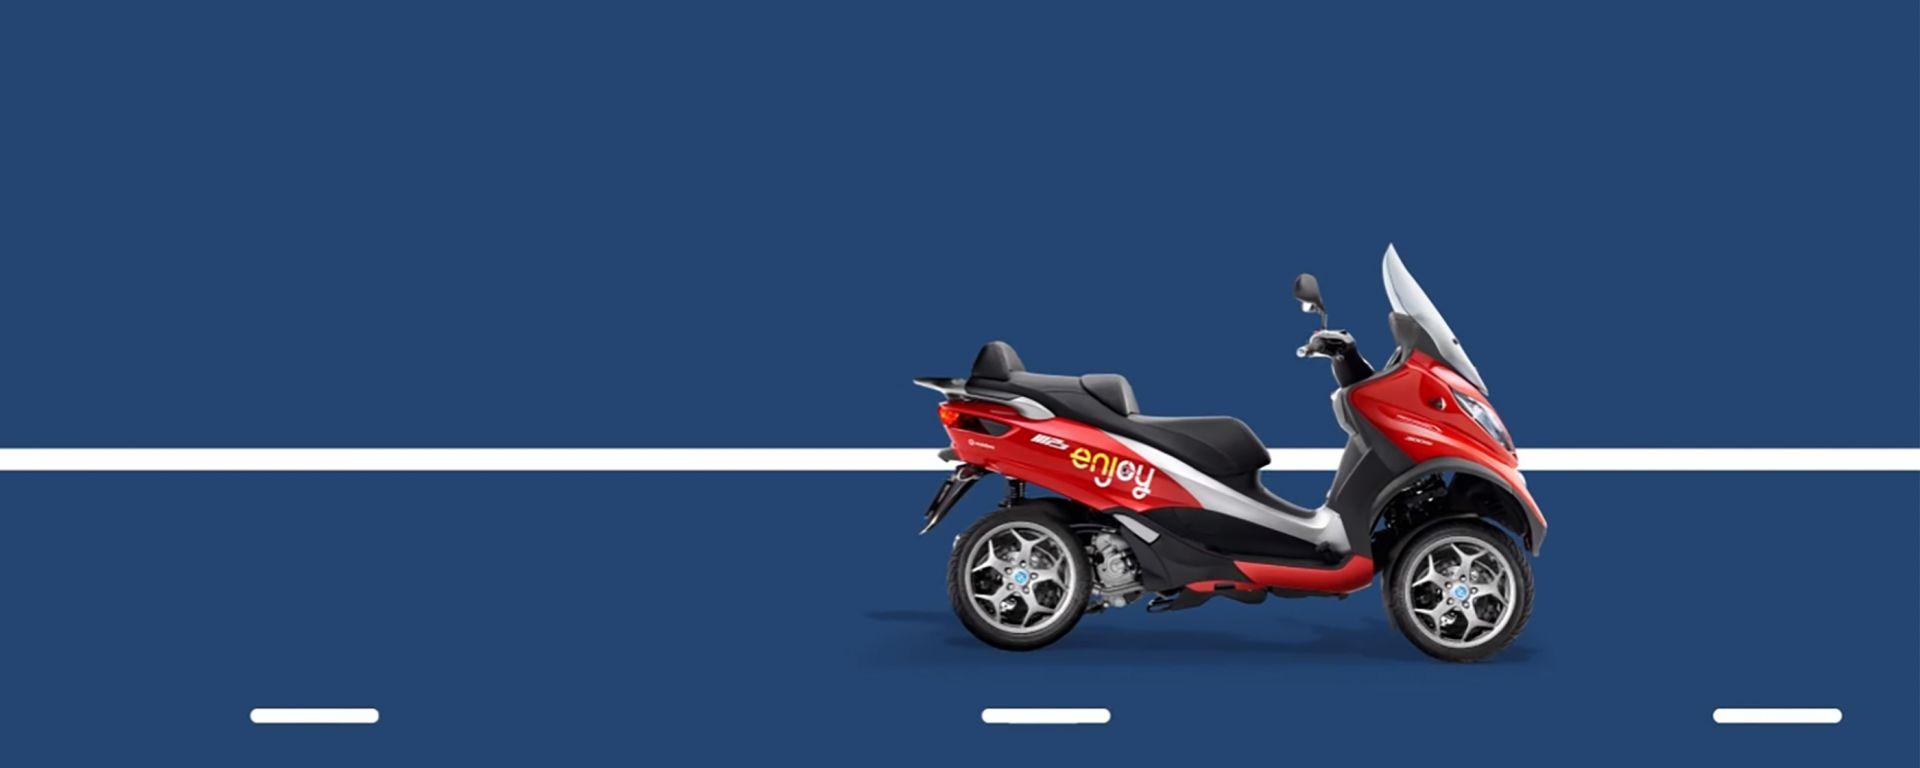 Enjoy: dal 1° luglio addio allo scooter sharing